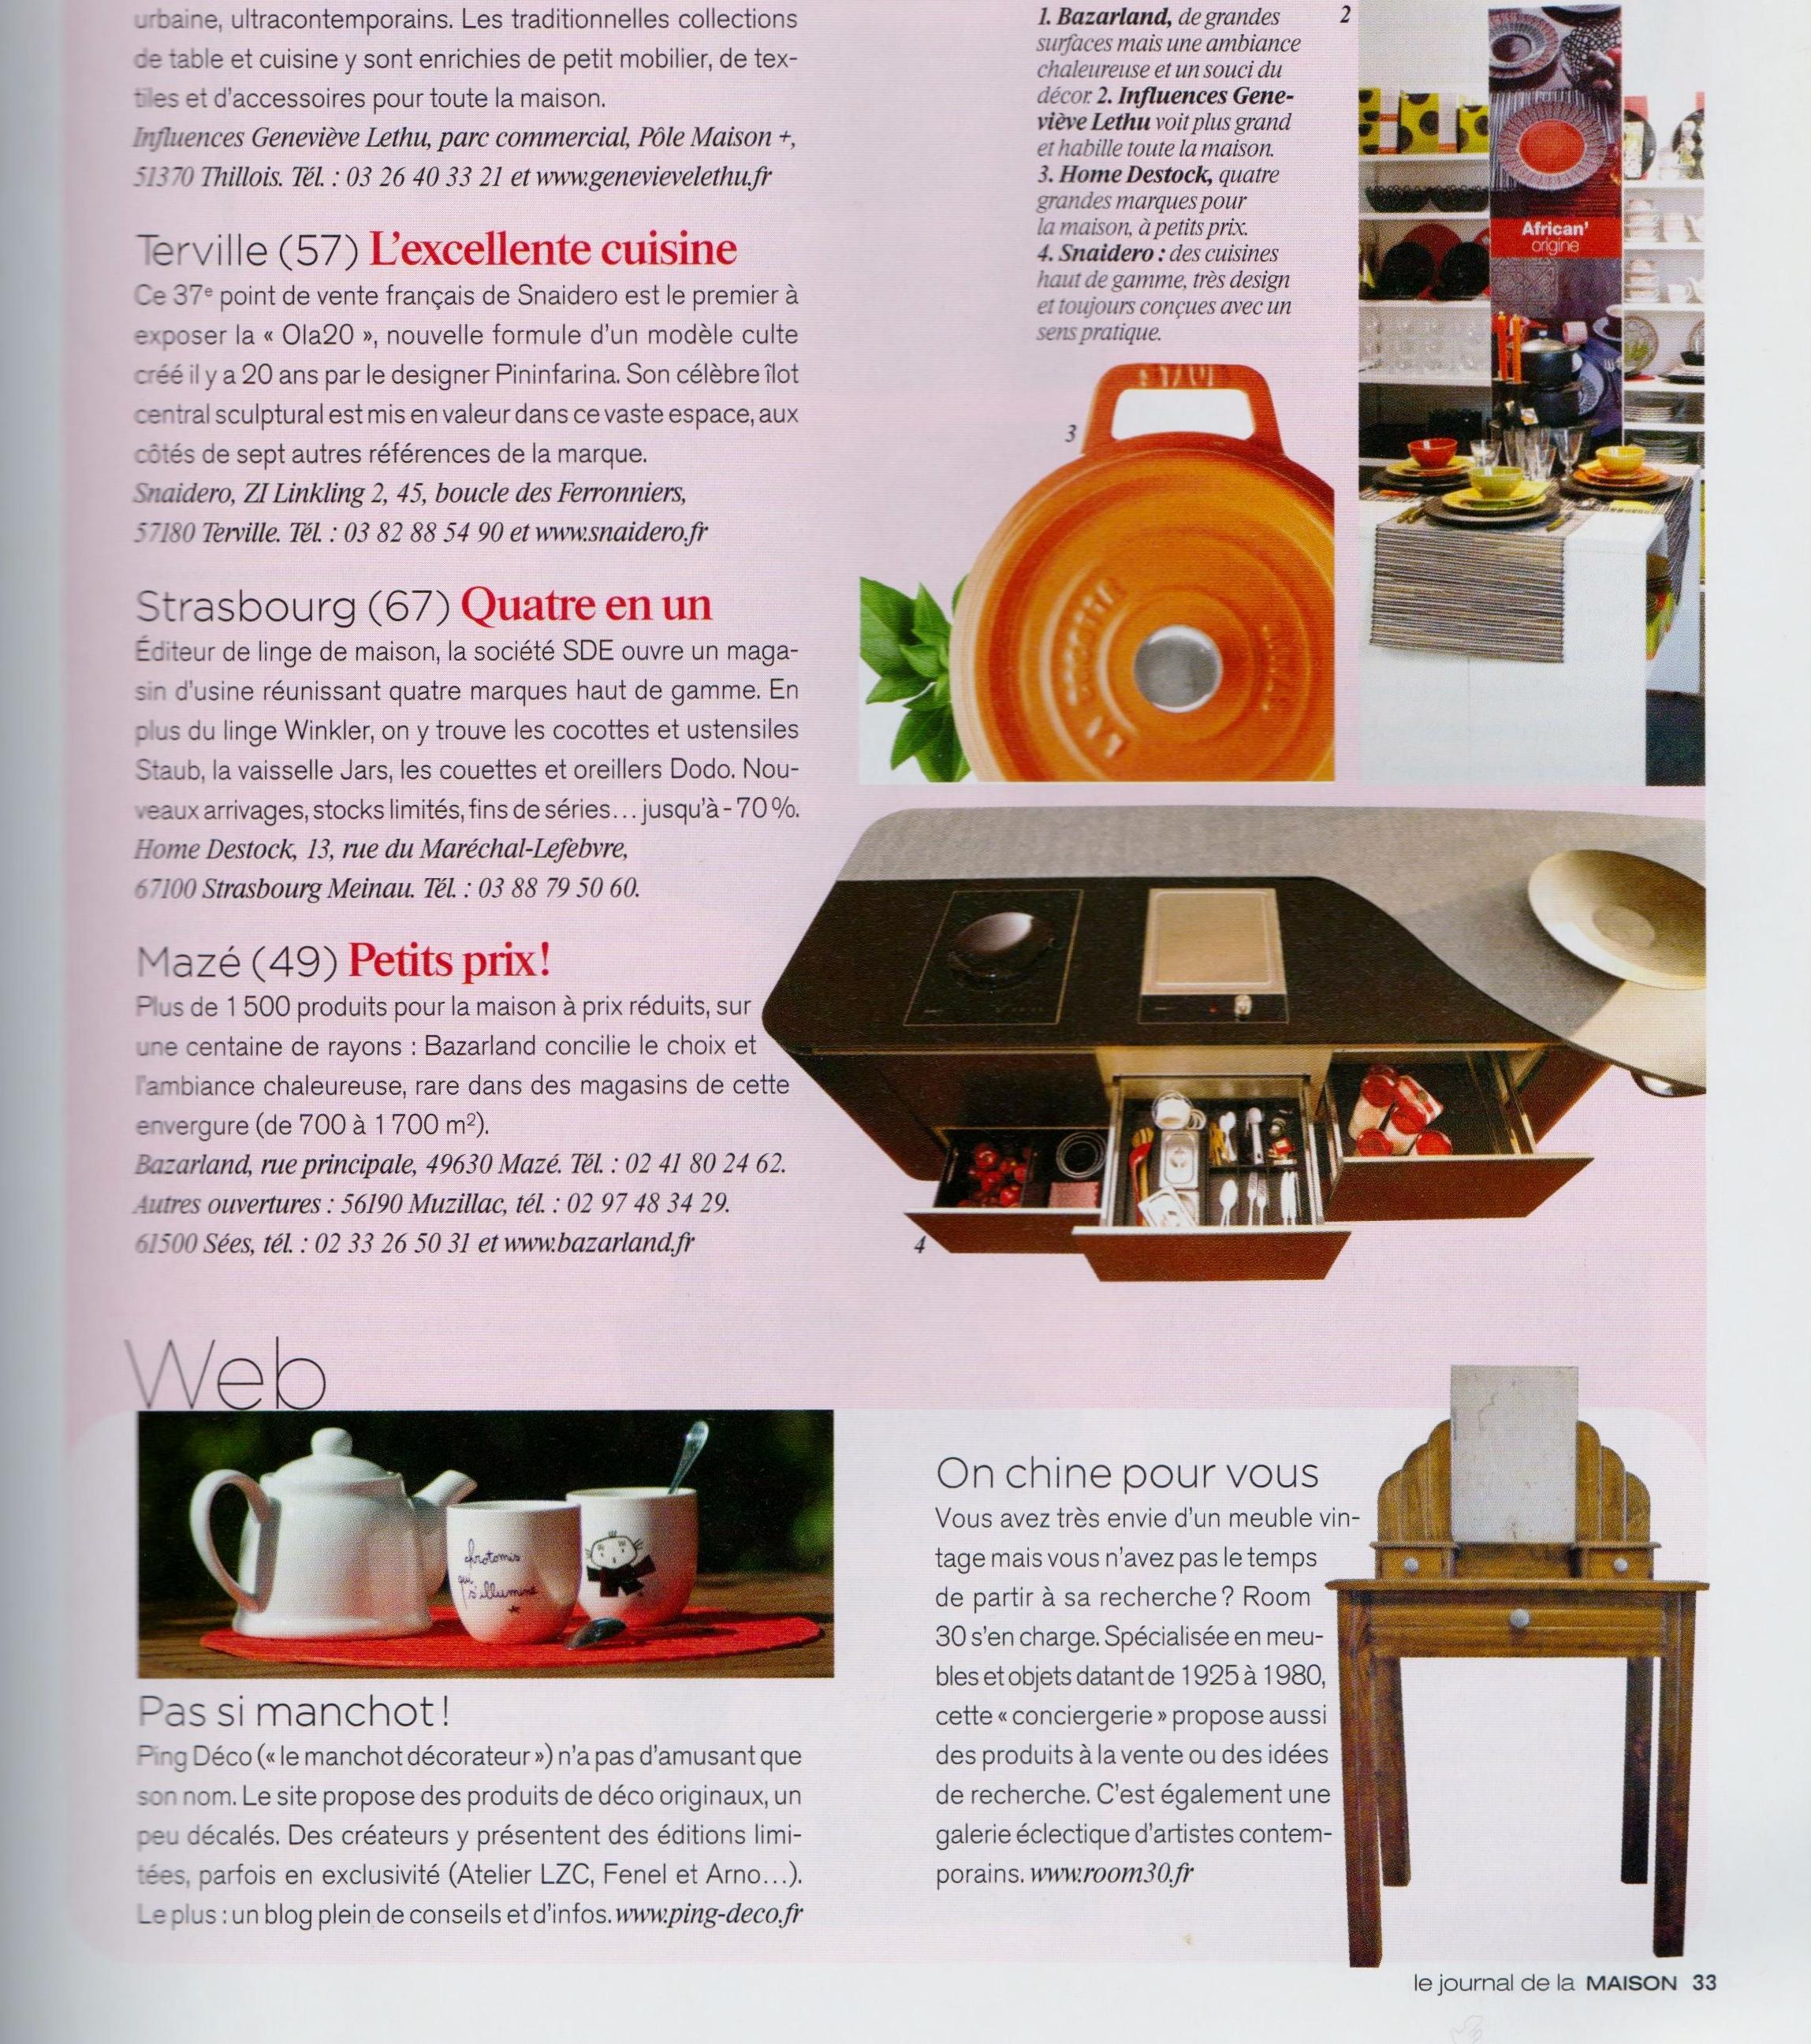 Articles presse partenaires room 30 - Journal de la maison ...